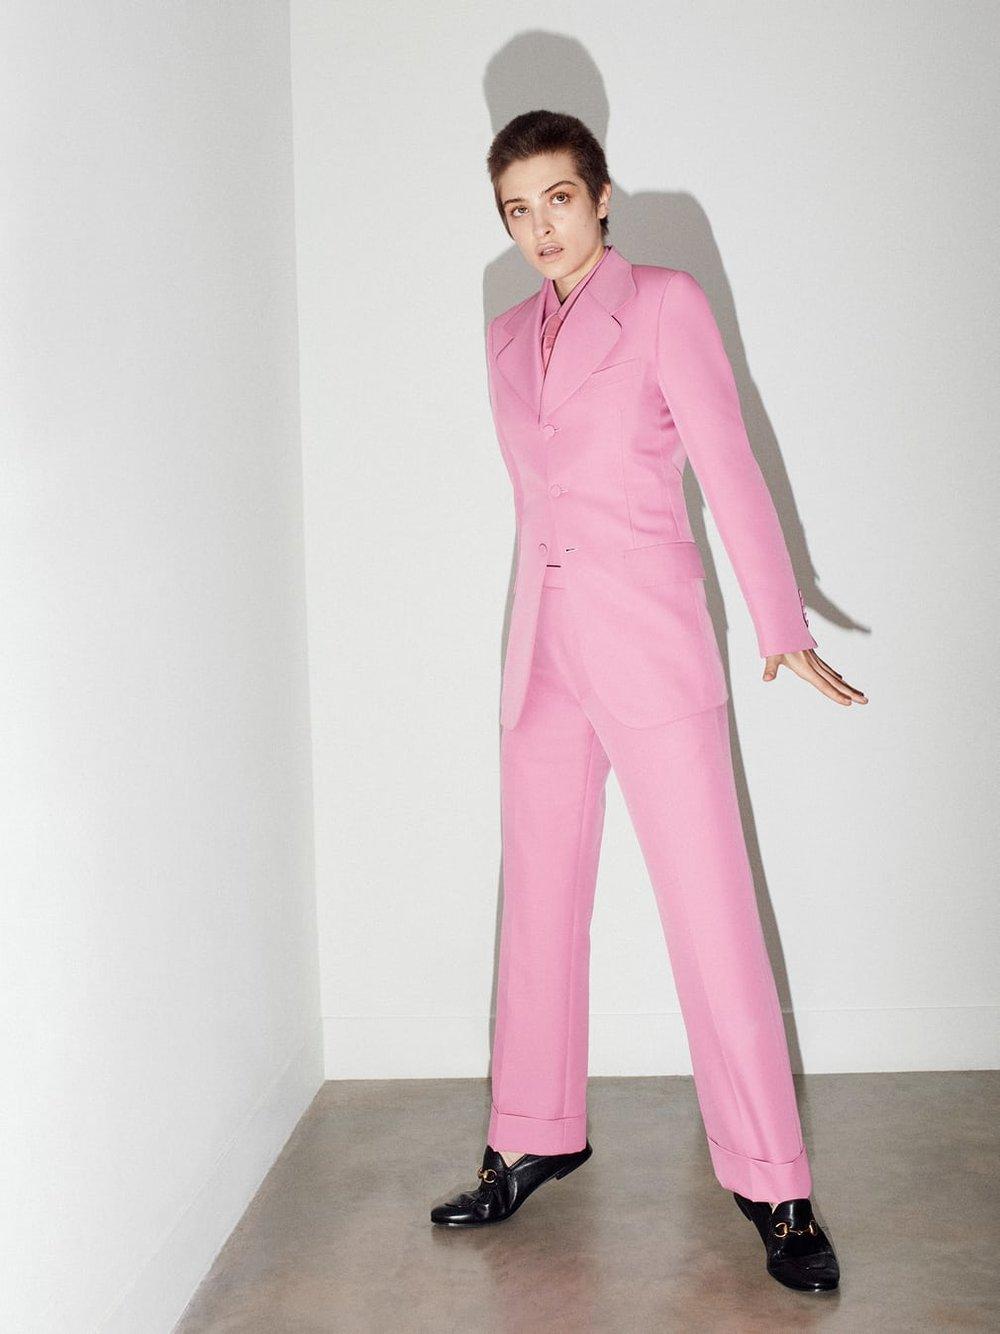 Woman Power Suit